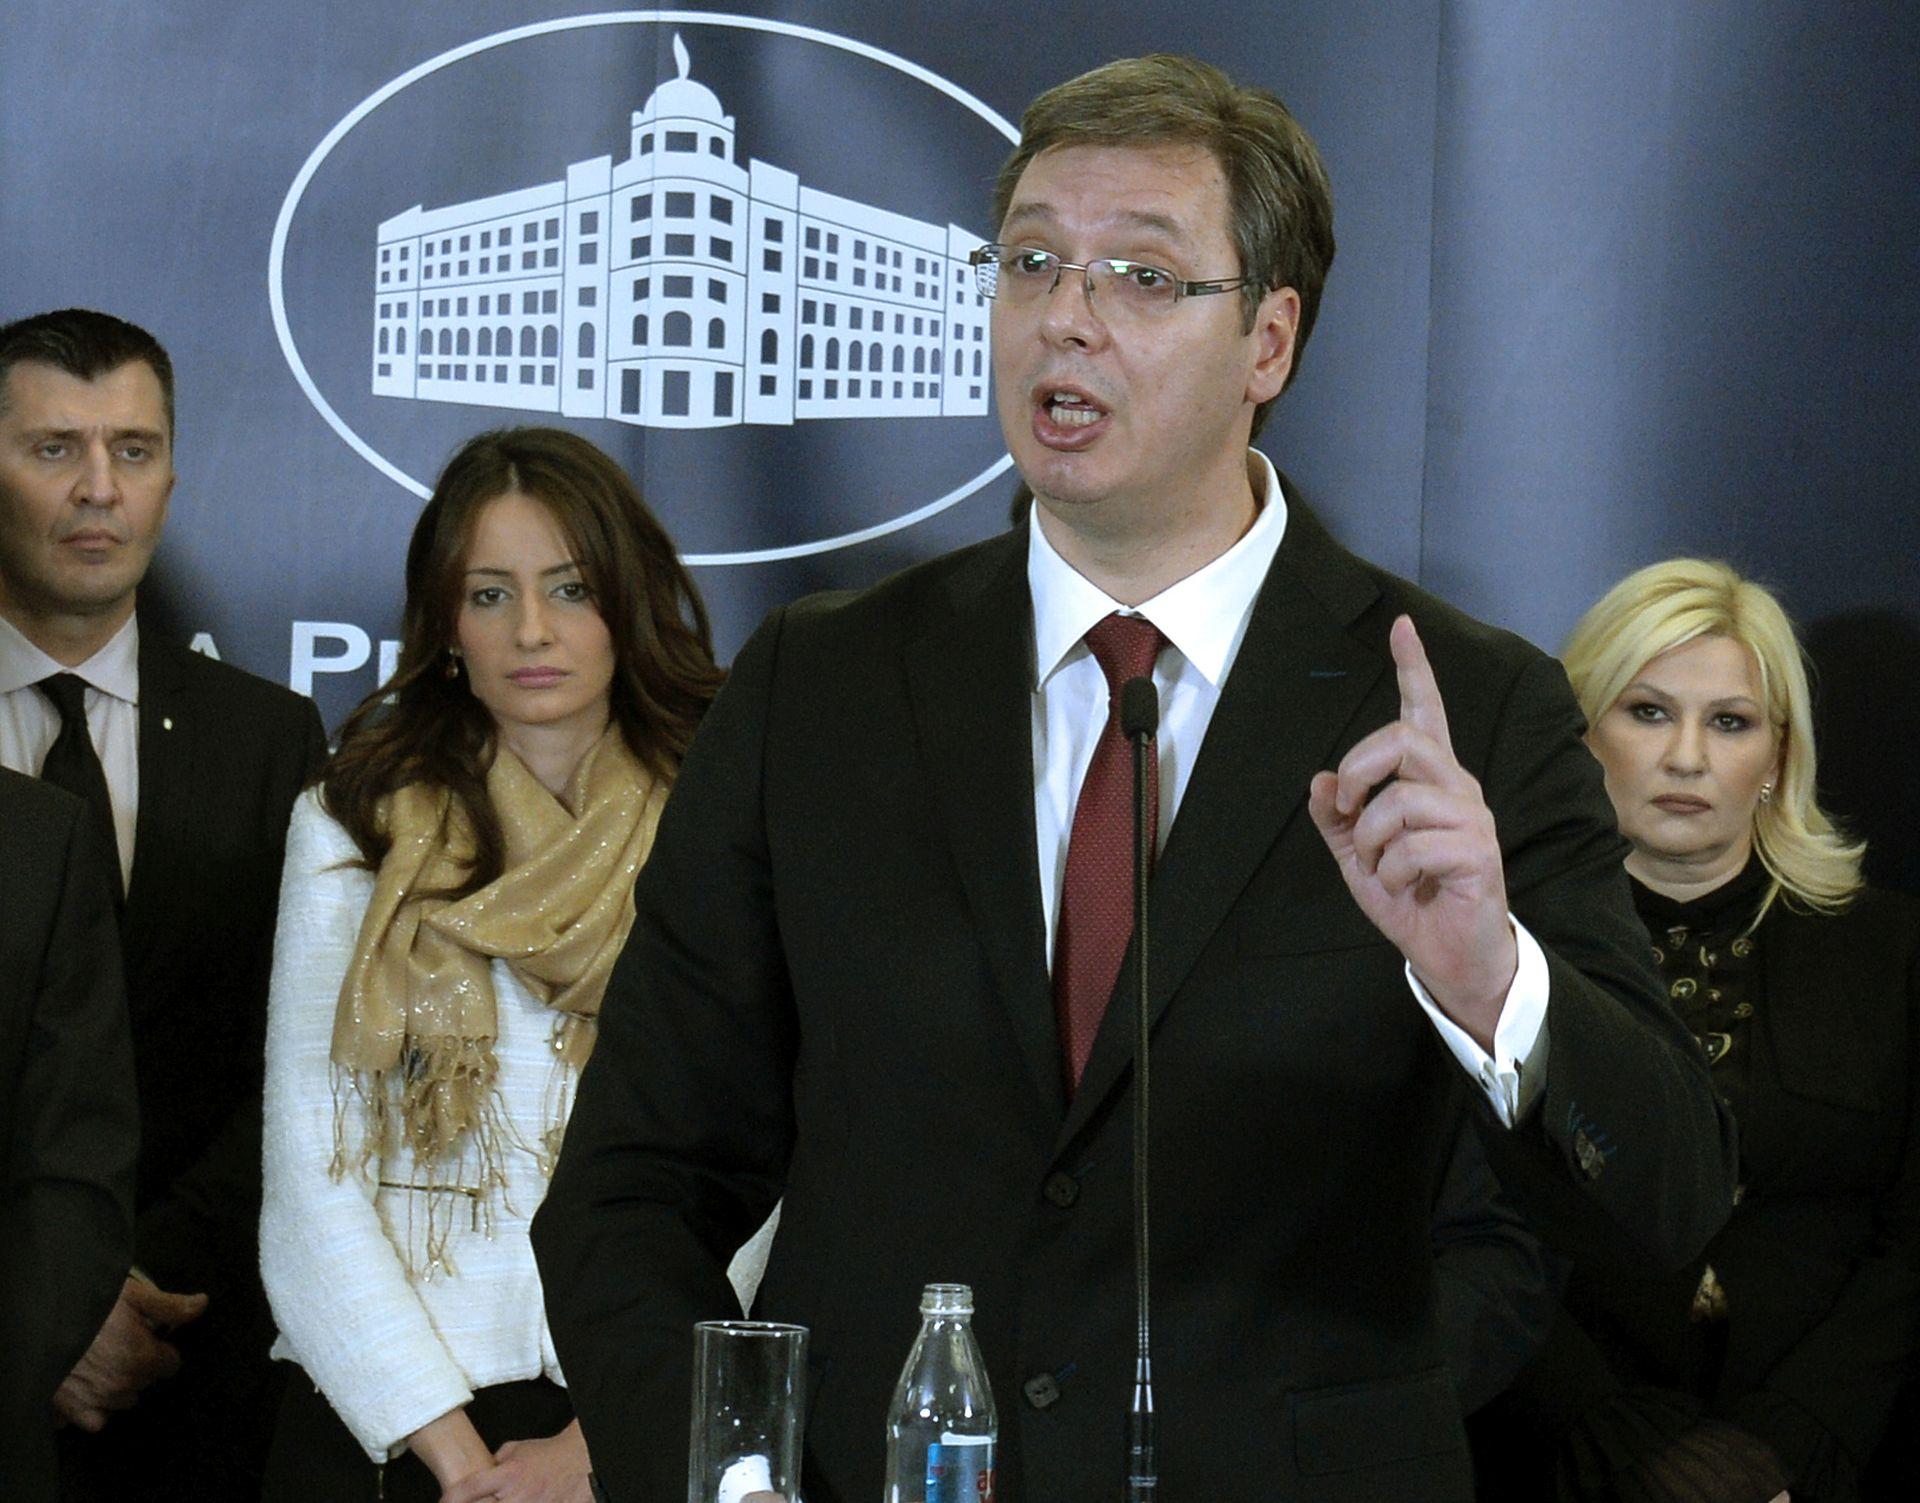 VUČIĆ PRIJETI BOJKOTOM: Neće nazočiti konferenciji s EU-om ako Hrvatska nastavi blokadu